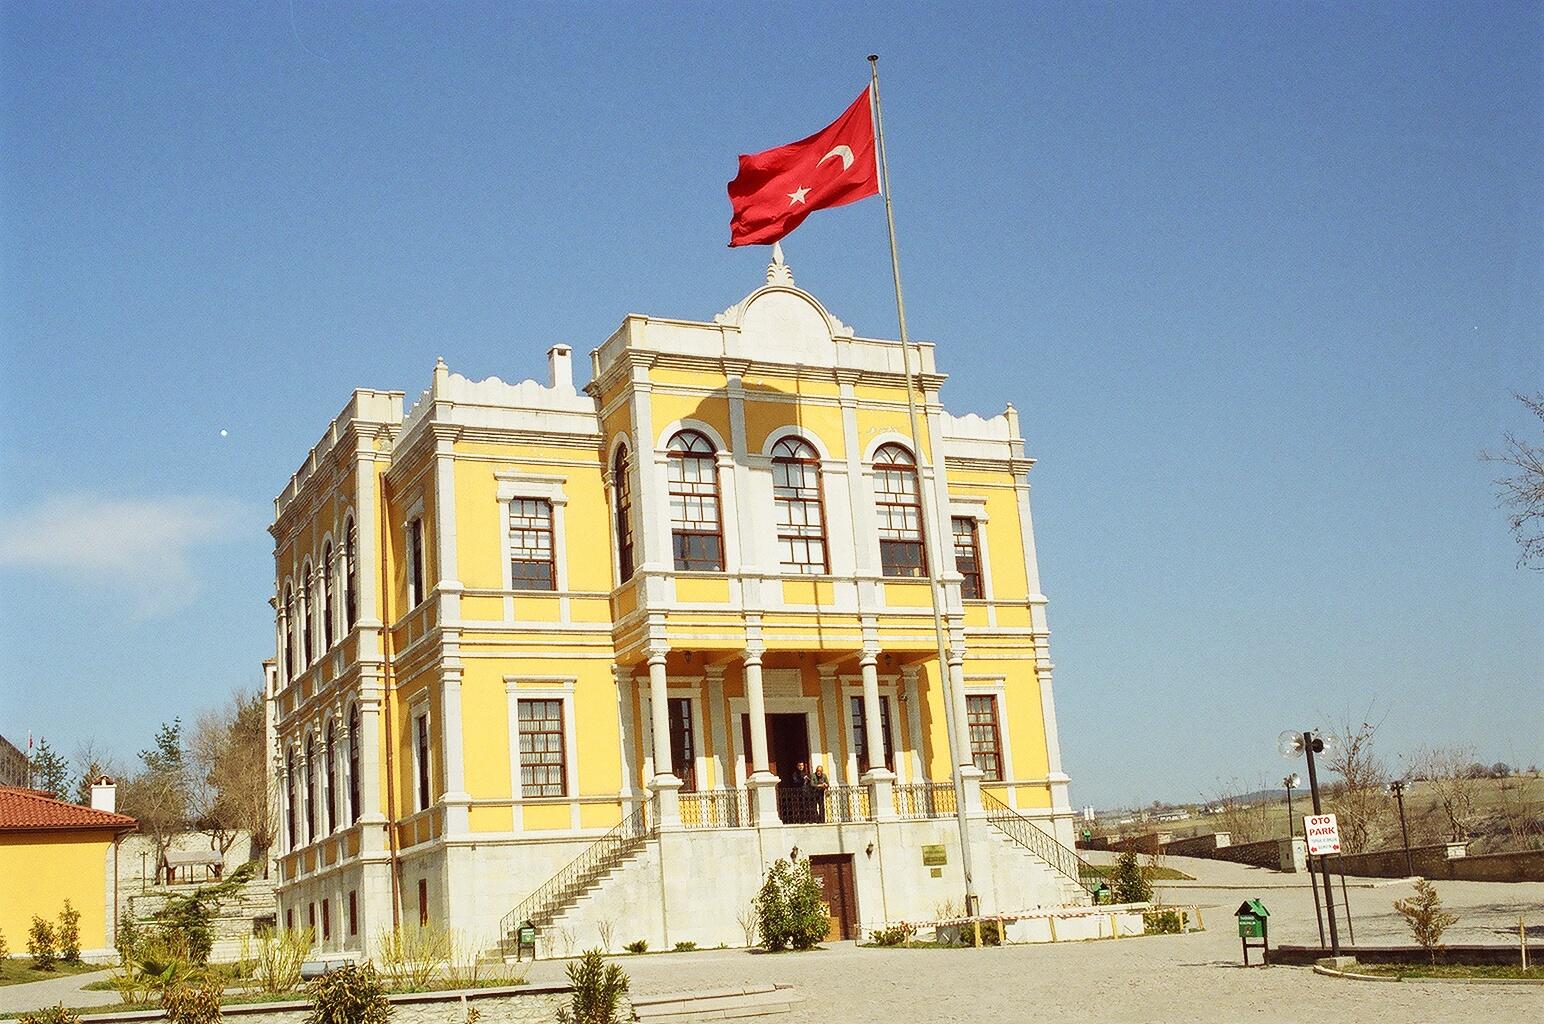 Der alte Regierungspalast über der Altstadt von Safranbolu